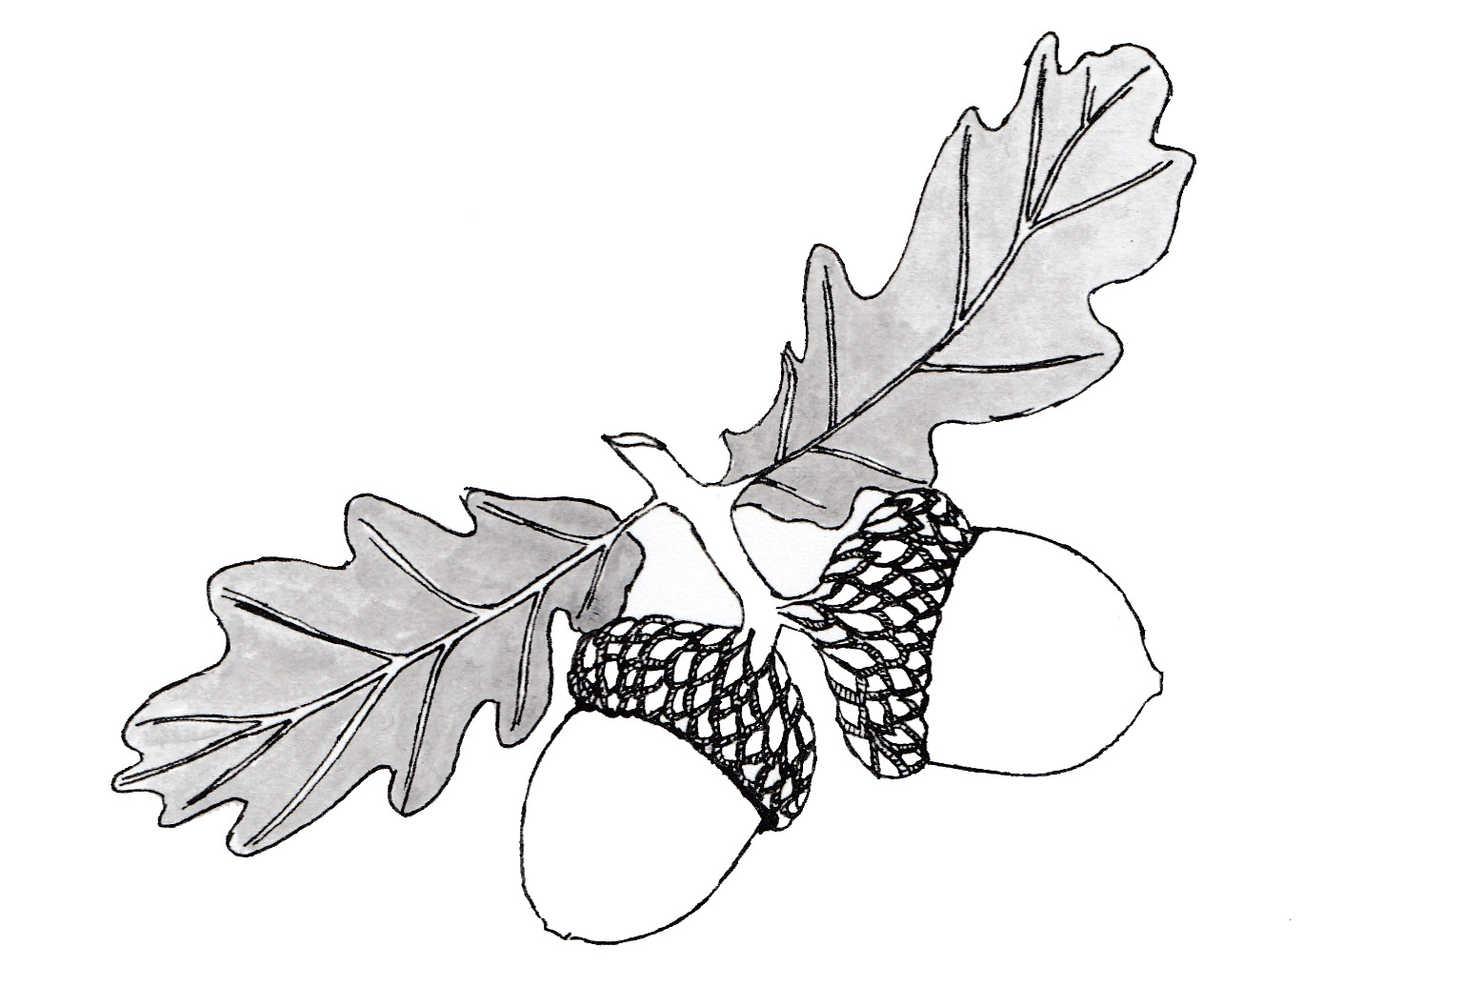 Pair of Acorns Illustration